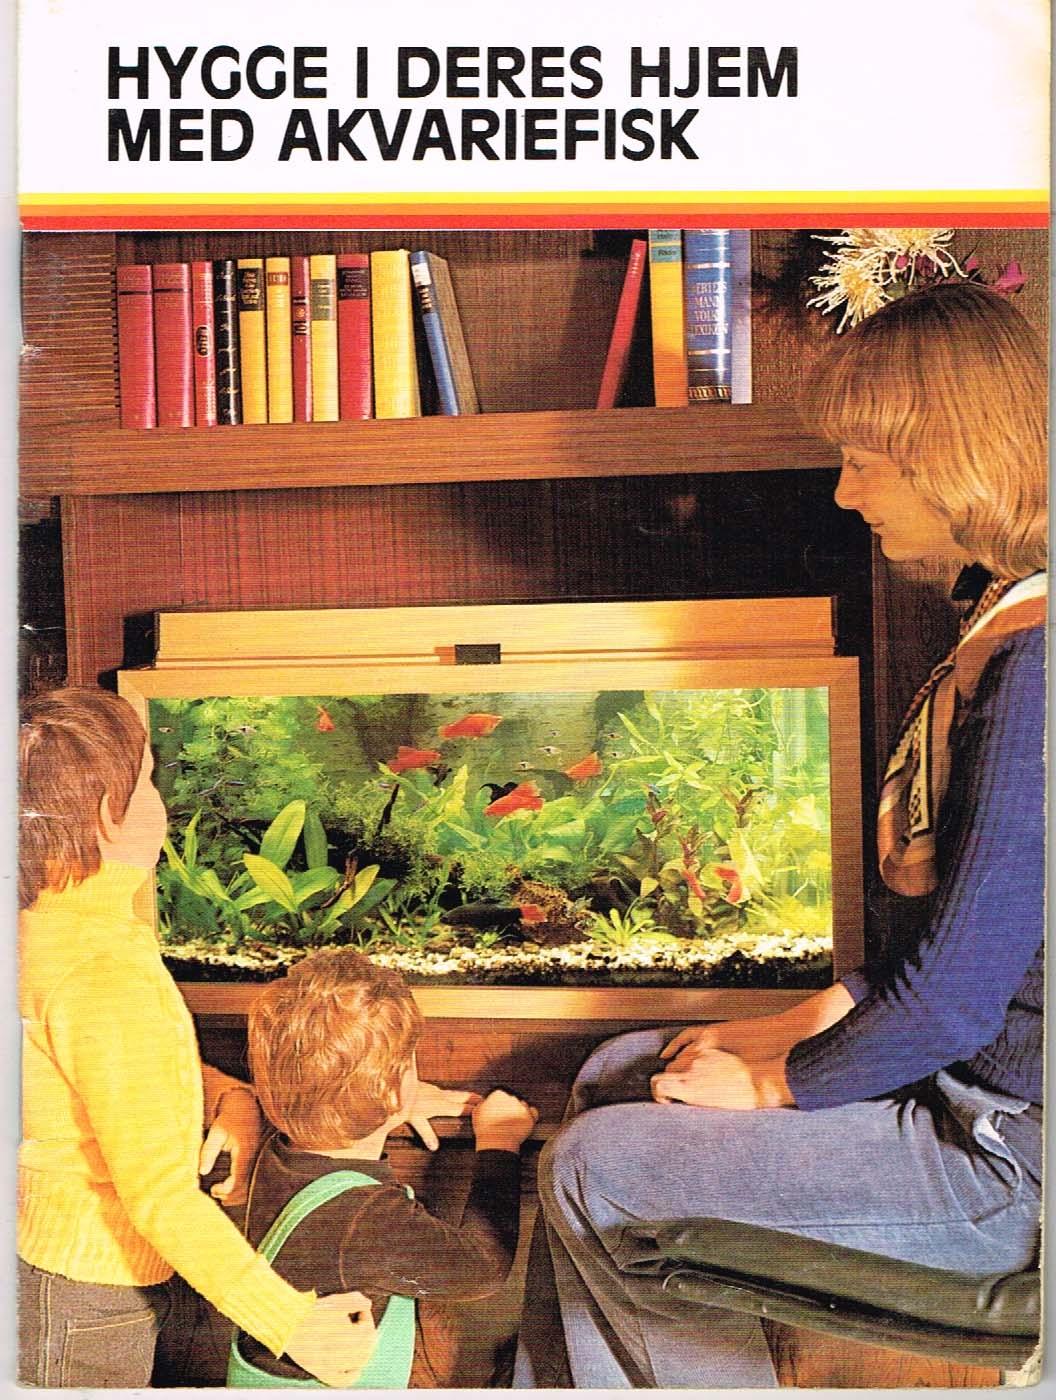 hygge i deres hjem med akvariefisk